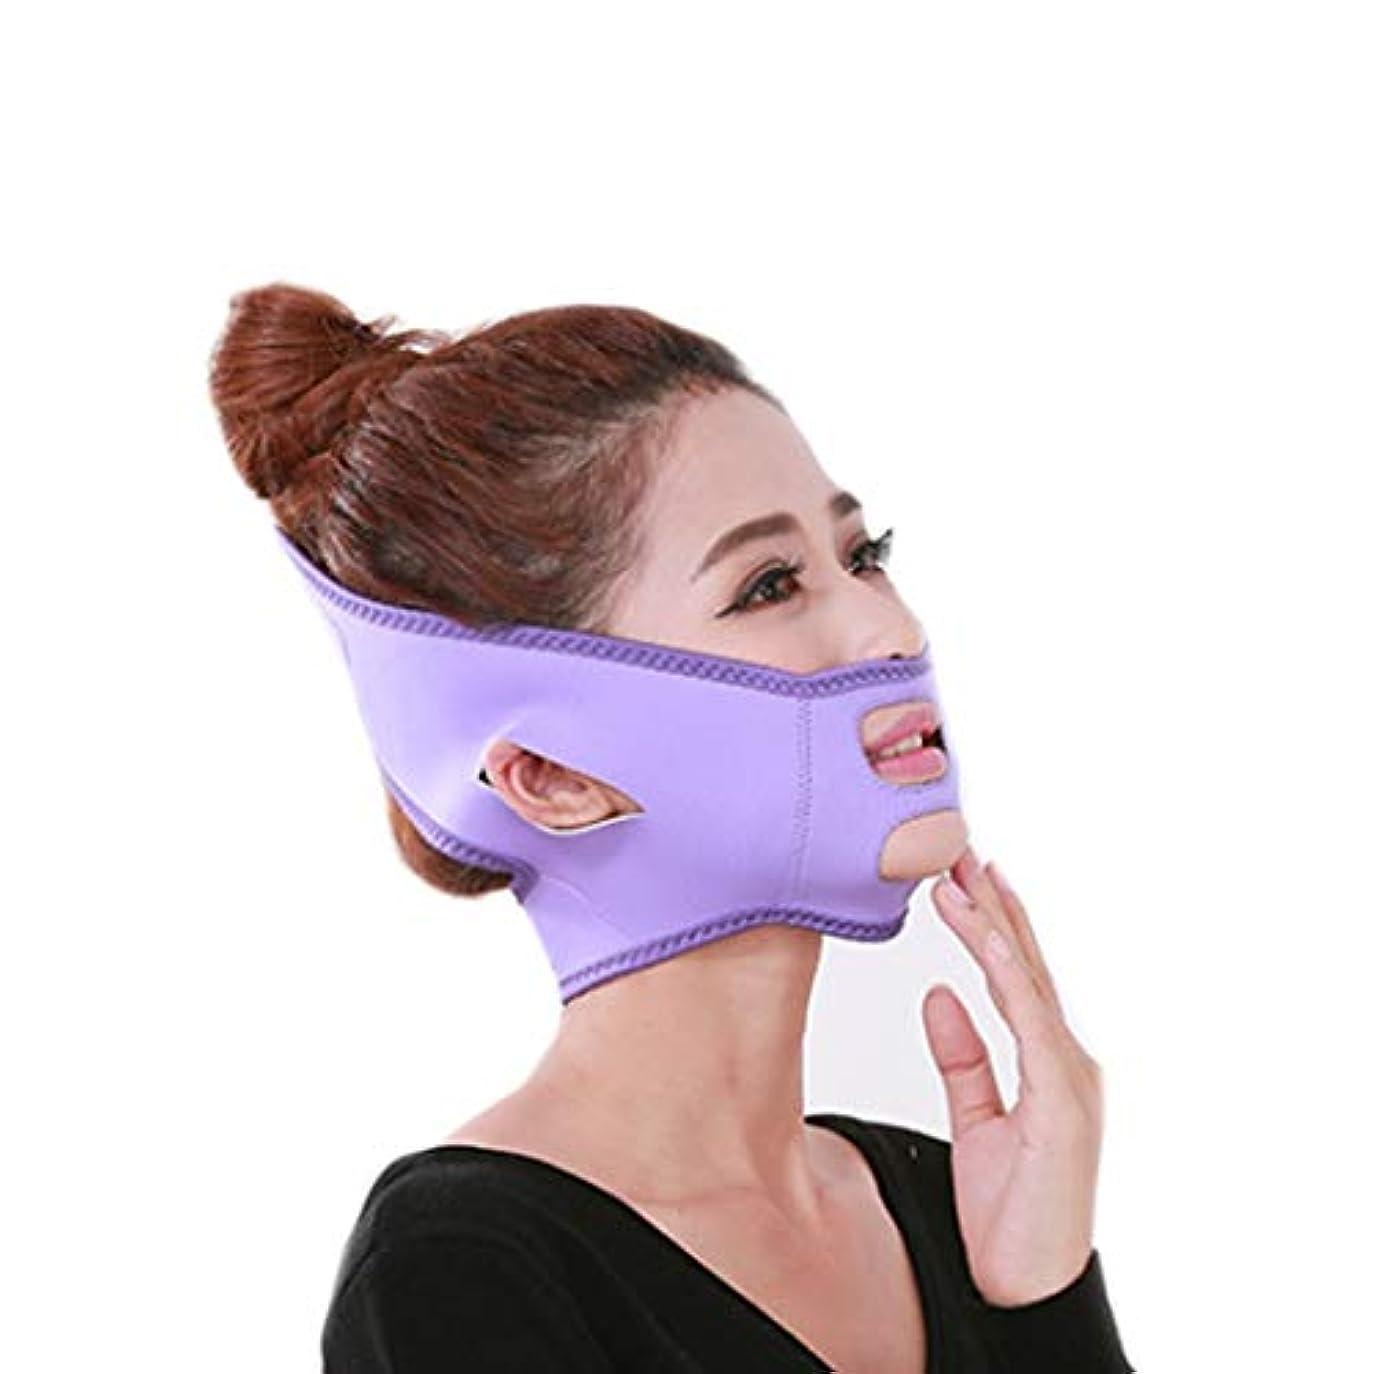 無秩序吐くサイズXHLMRMJ フェイスリフトテープ&バンド、フェイススリミングマスク、ダブルチン、ダブルチンリデューサー、シワ防止マスク、リフティングシェイプ(フリーサイズ) (Color : Purple)